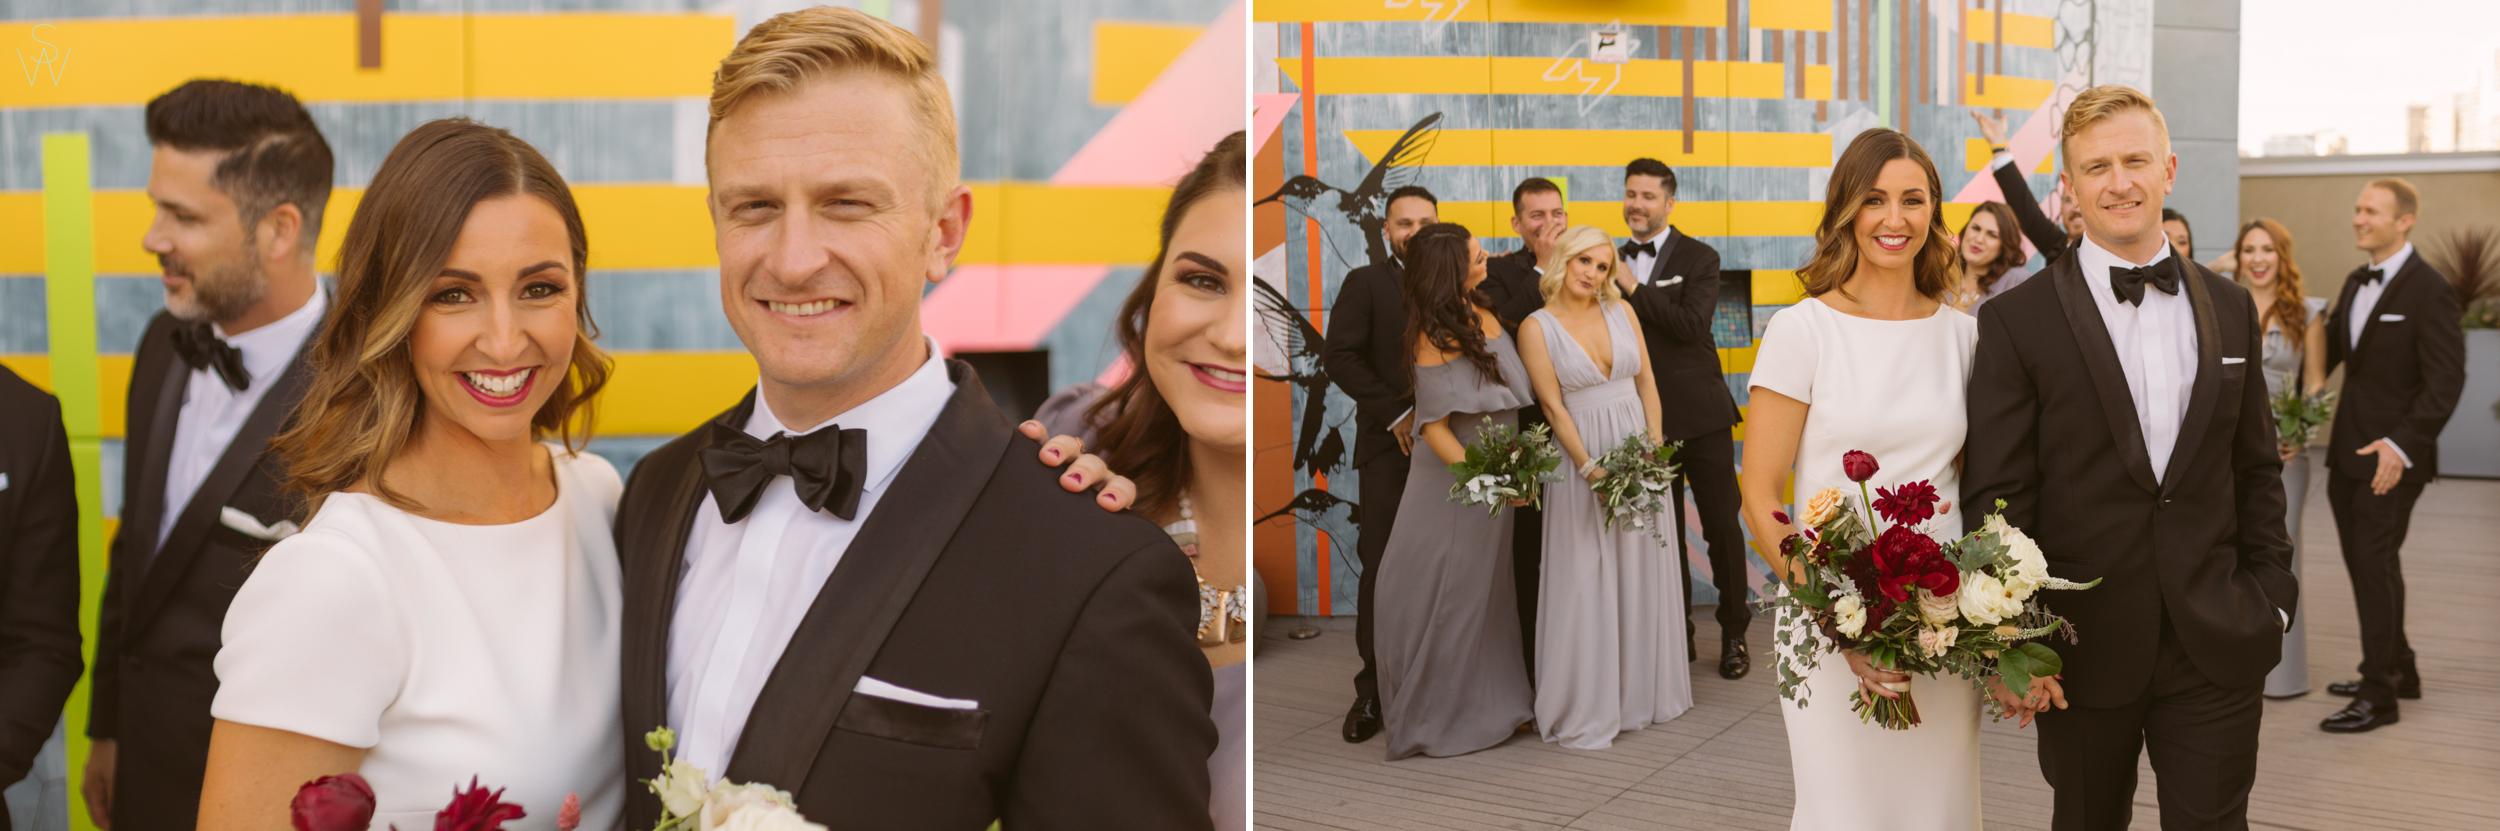 131THE.UNDERGROUND.ELEPHANT.wedding.photography.shewanders.JPG